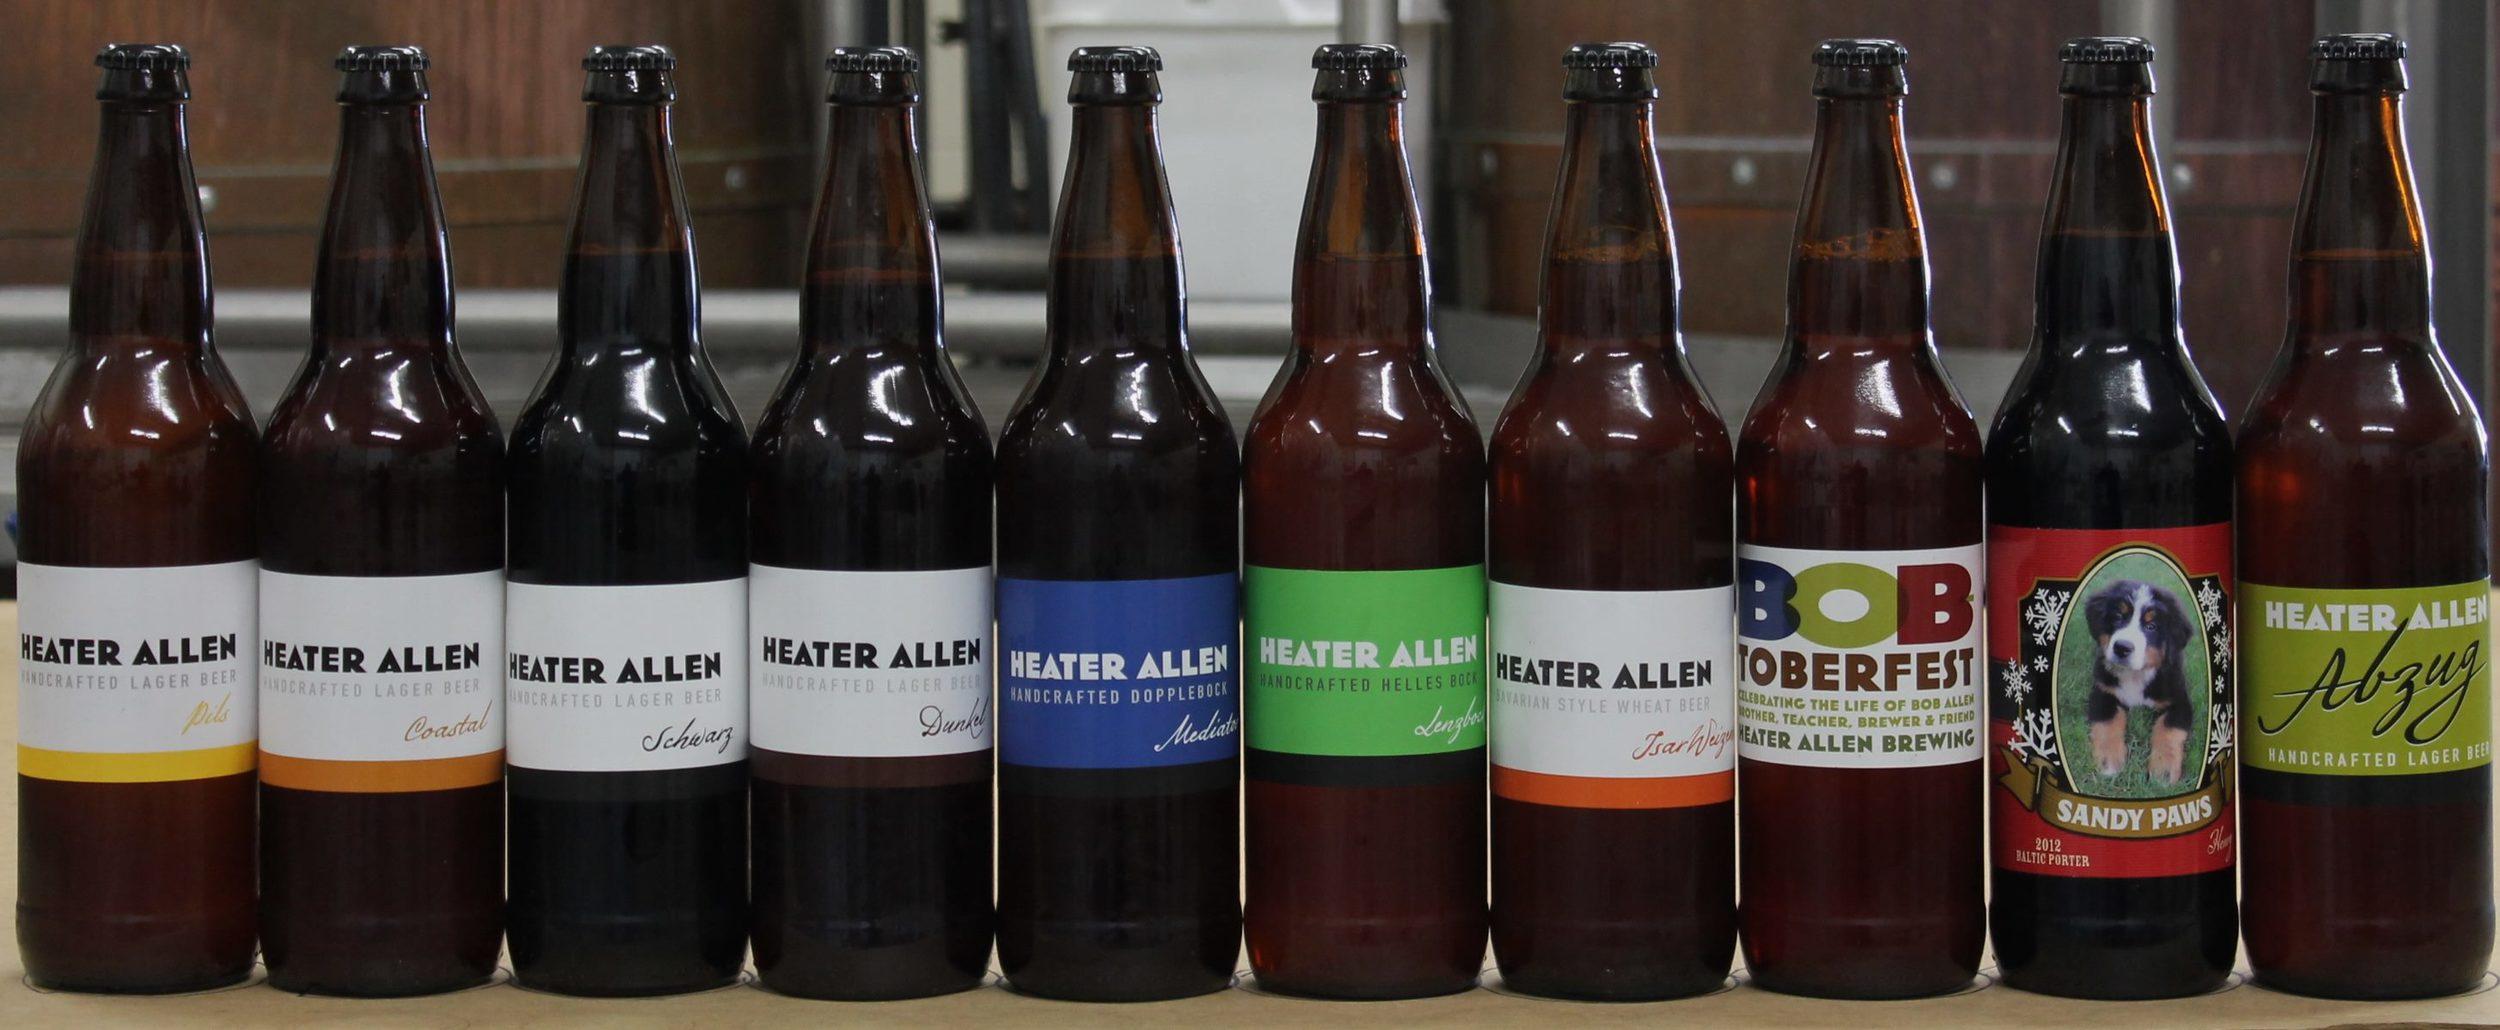 Cervejaria em McMinnville, no Oregon, privilegia as Lagers de origem alemã (Foto: Divulgação)